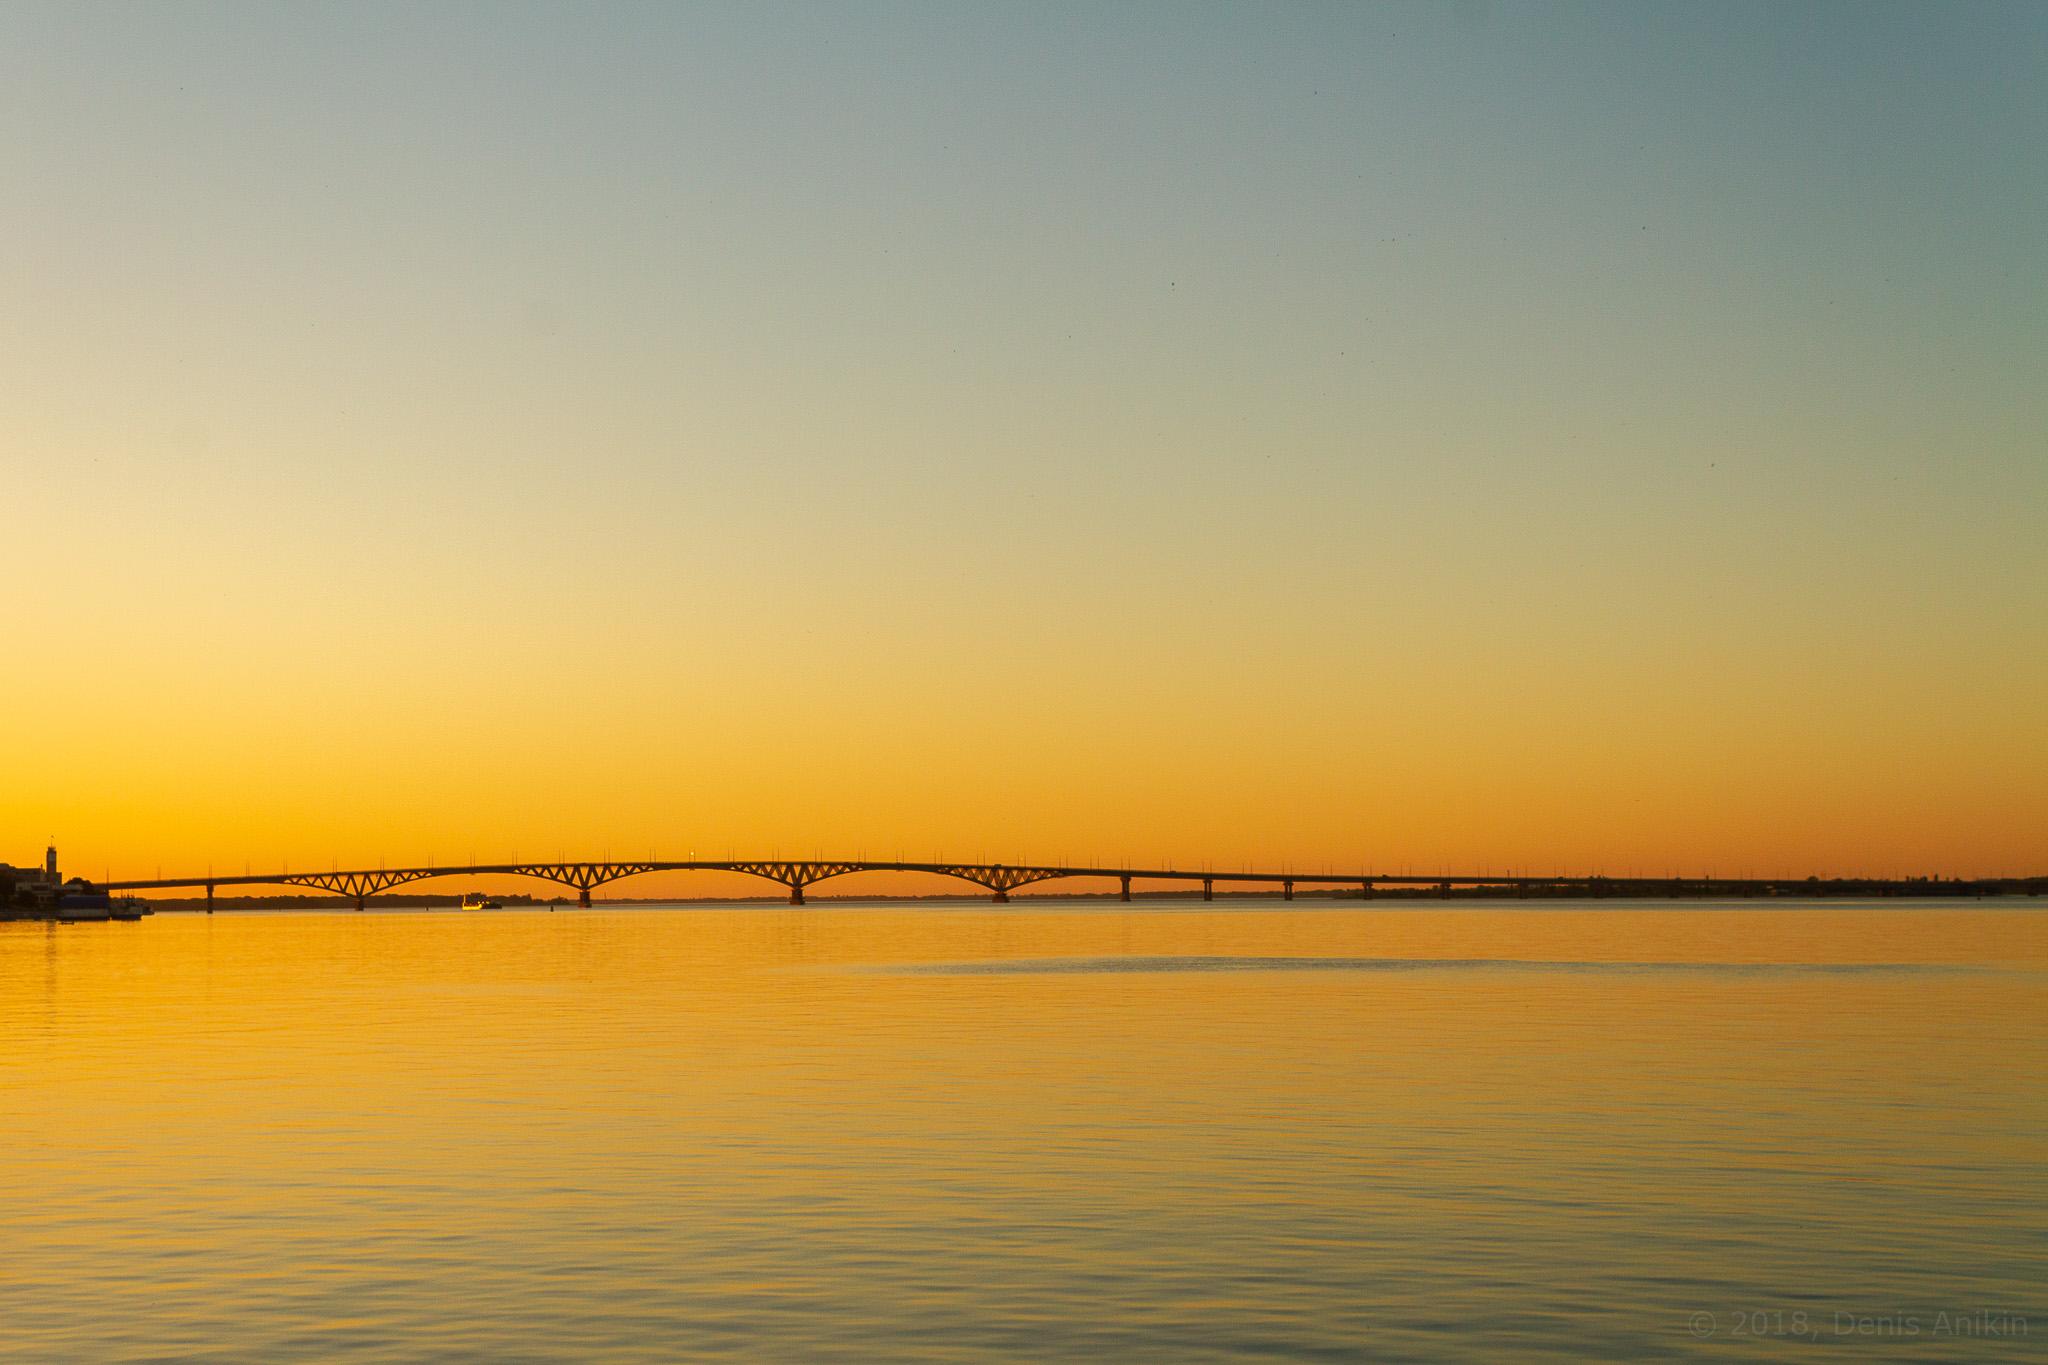 Мост на рассвете